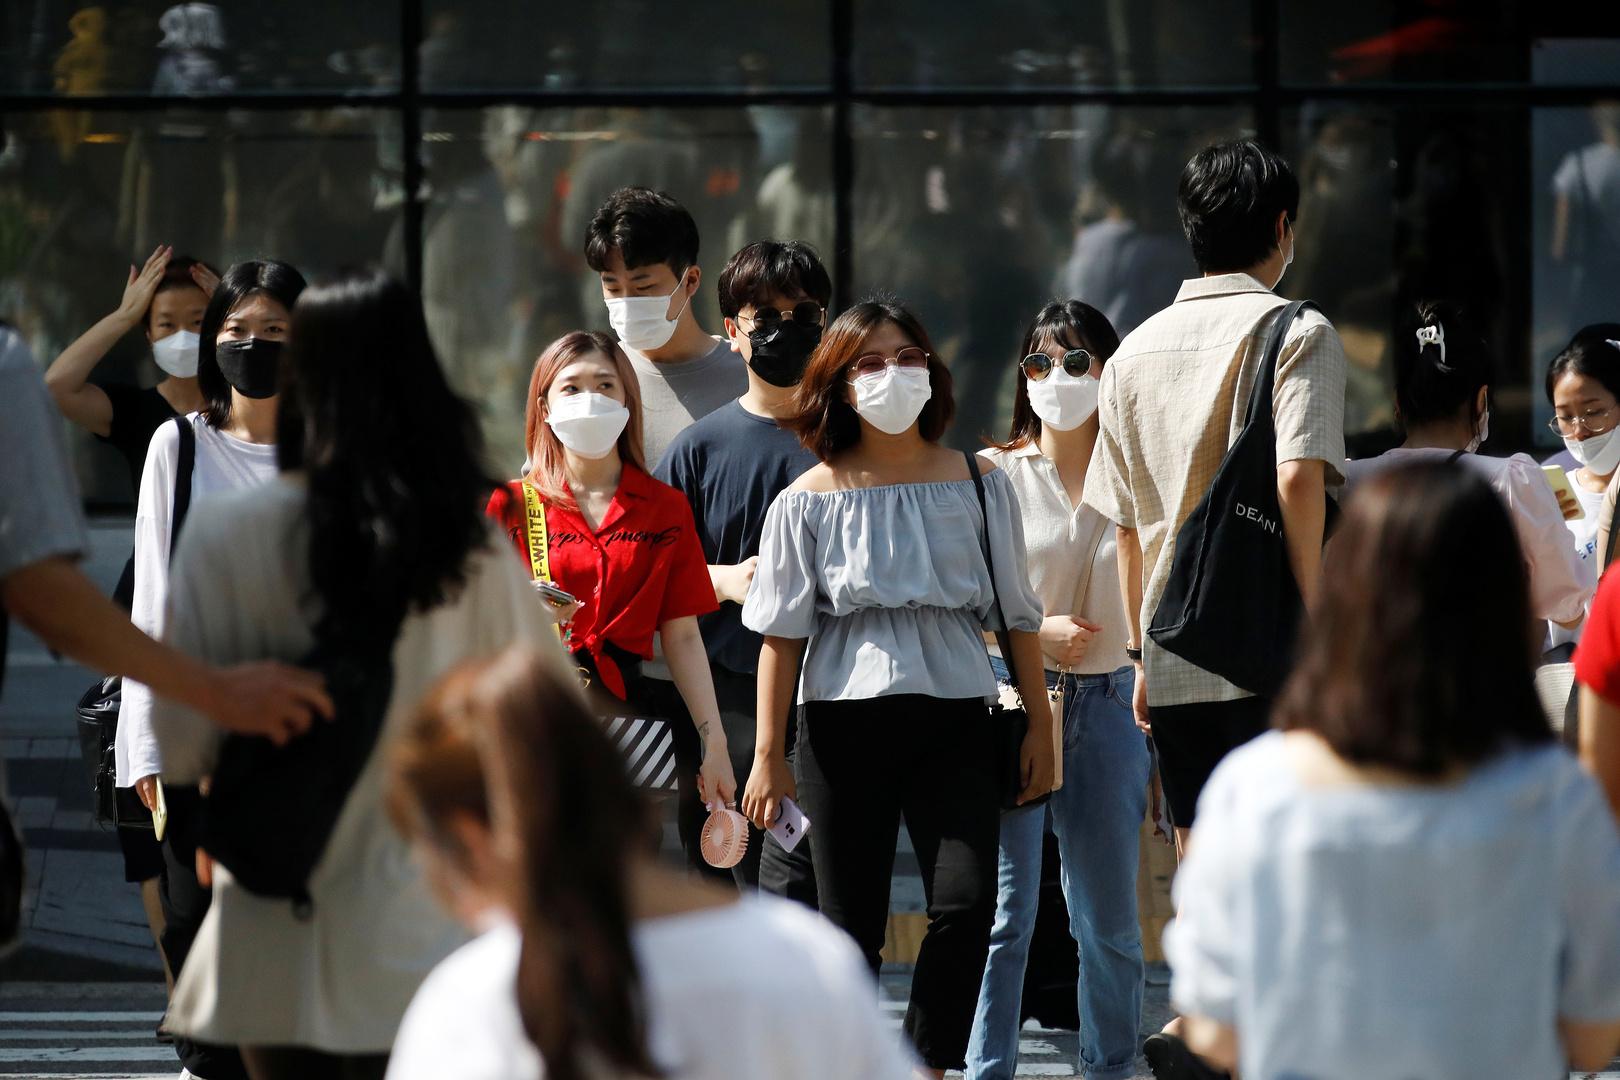 عدد سكان كوريا الجنوبية يقارب 52 مليون نسمة مسجلا انخفاضا لأول مرة منذ 10 سنوات